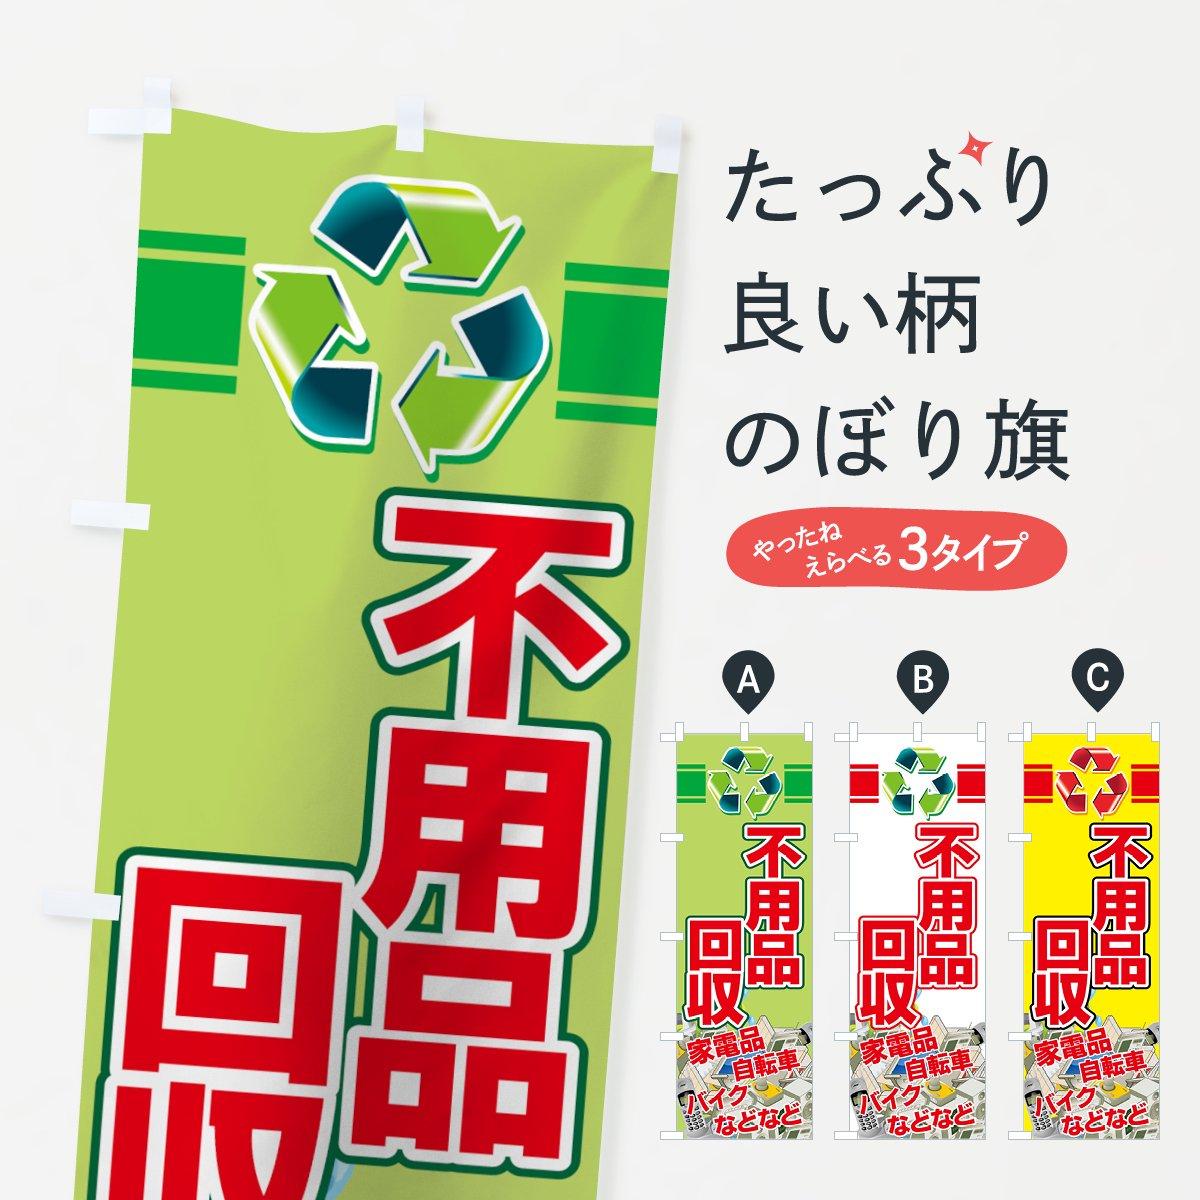 不用品回収のぼり旗【家電品・自転車など】[リサイクル・中古]